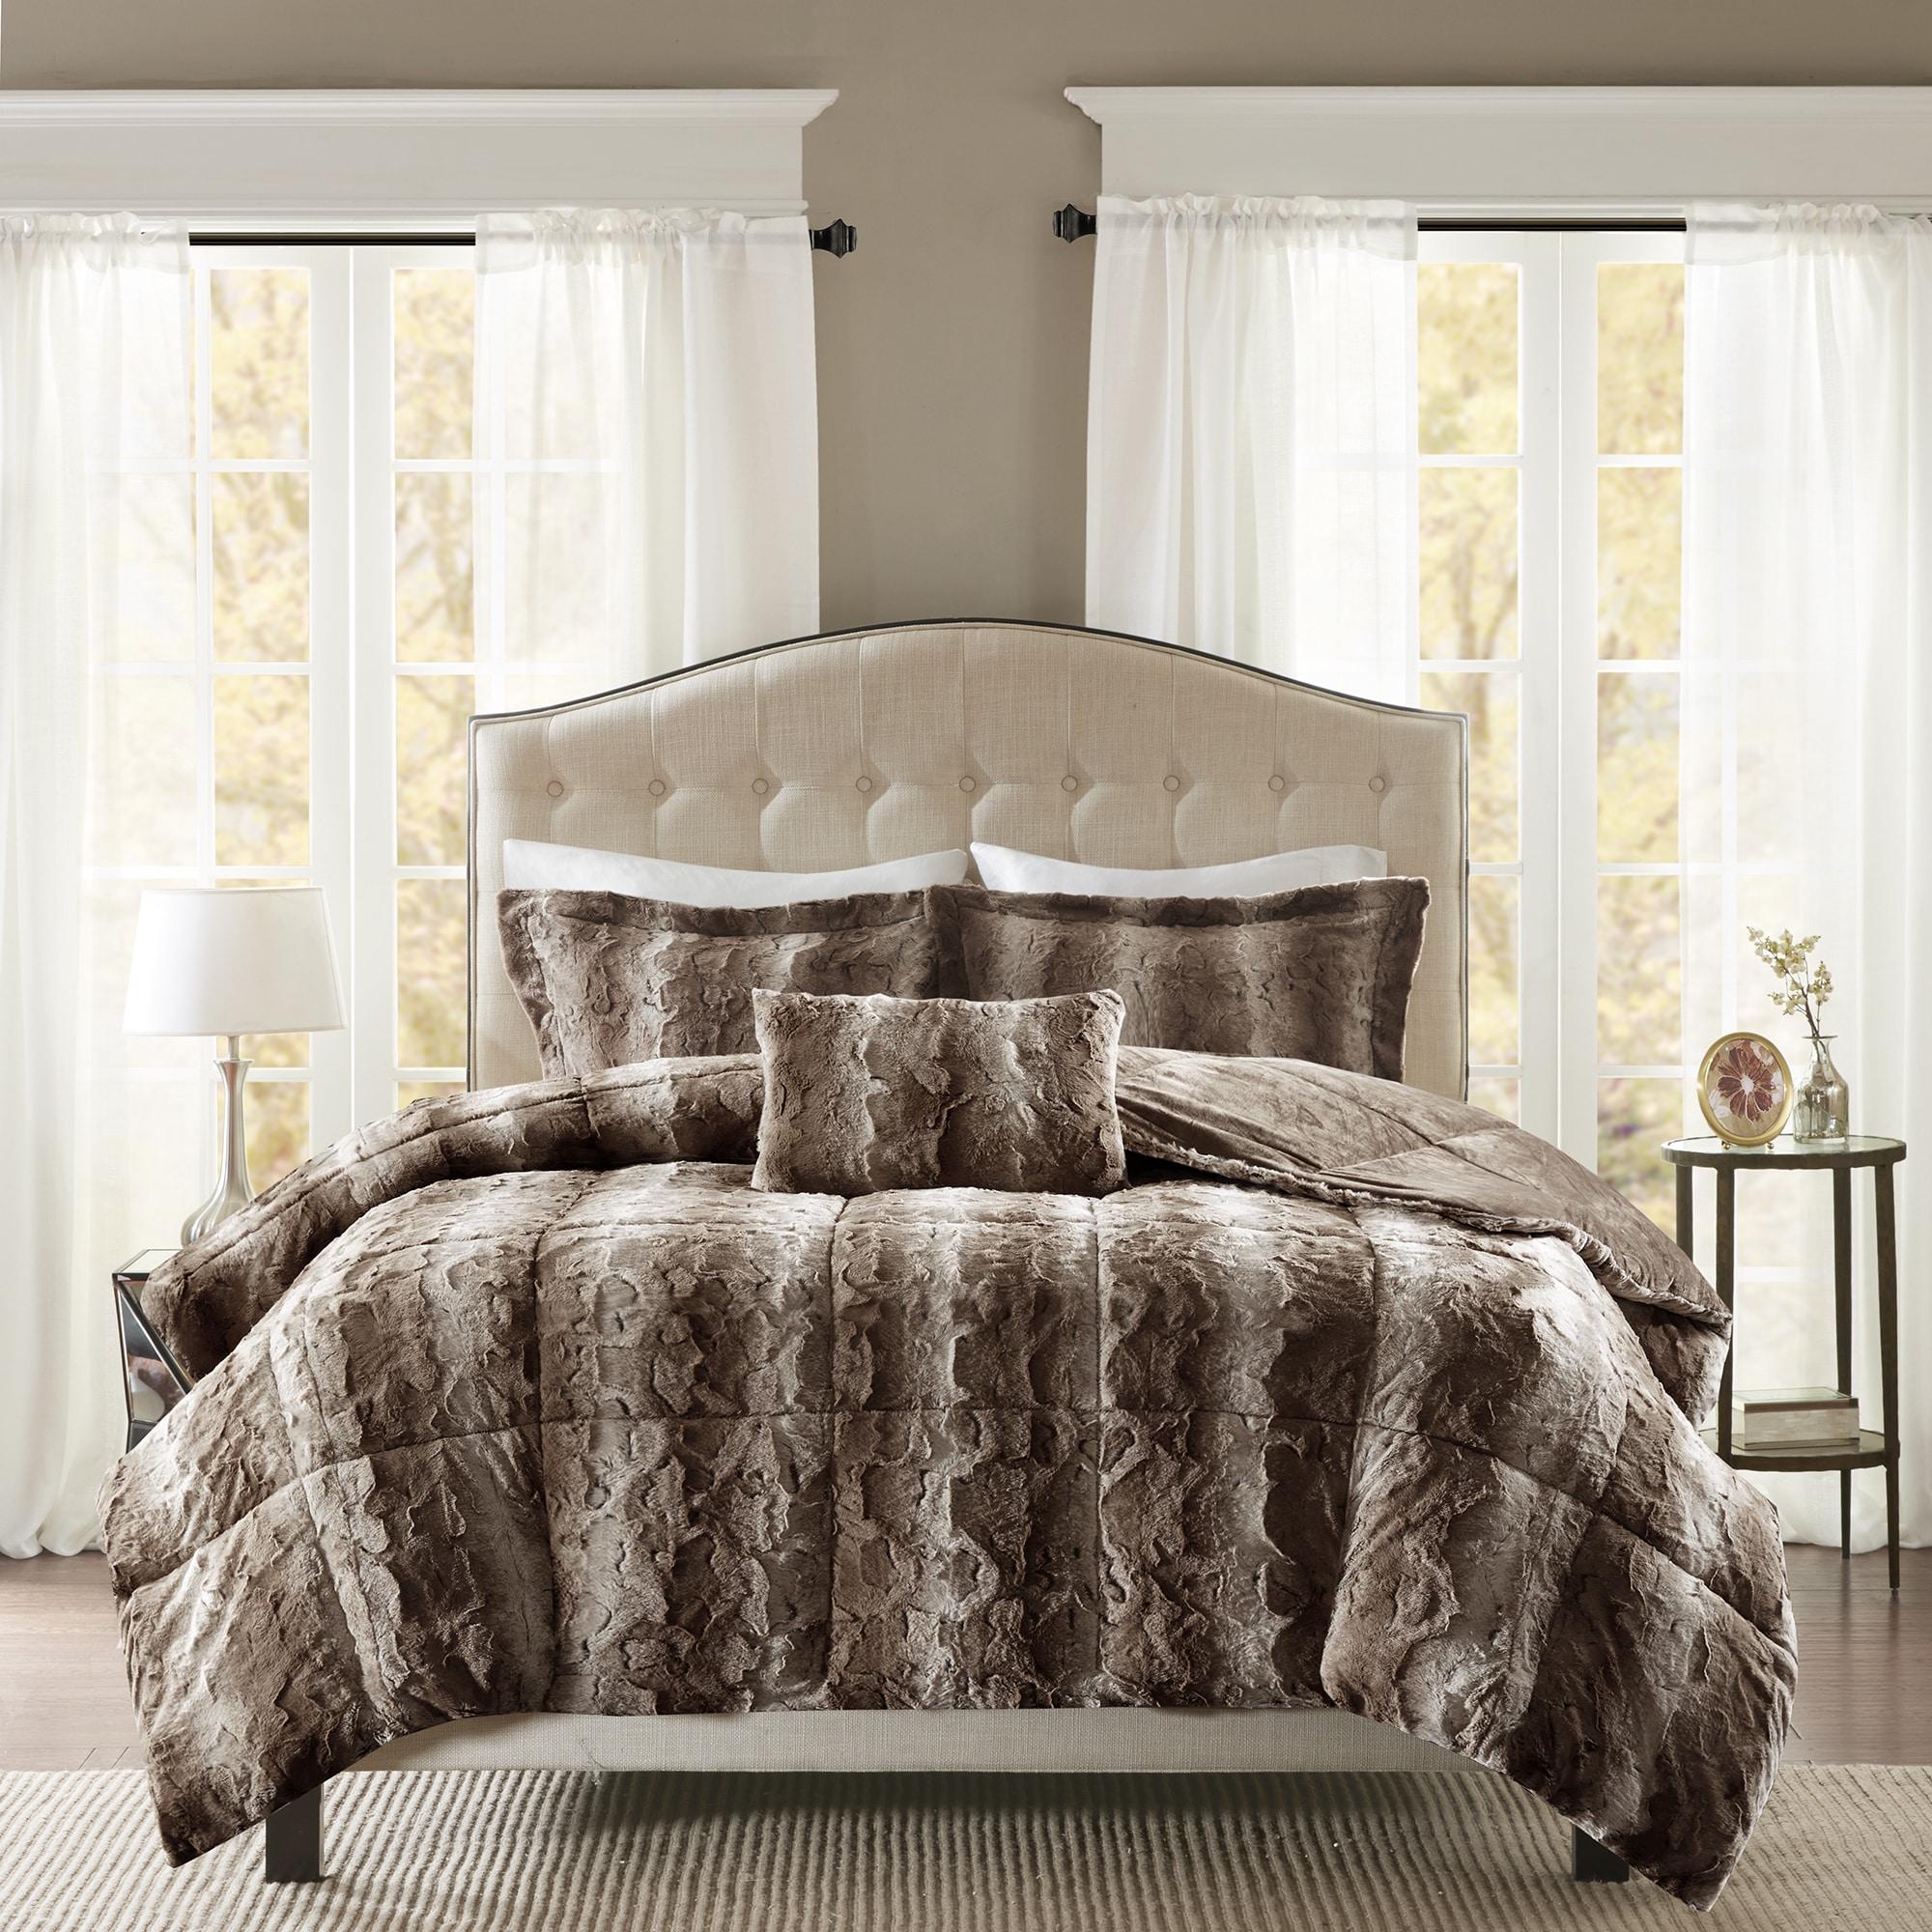 option pure bed piece bedding overstock product com bath color madison park cotton dermot set comforter